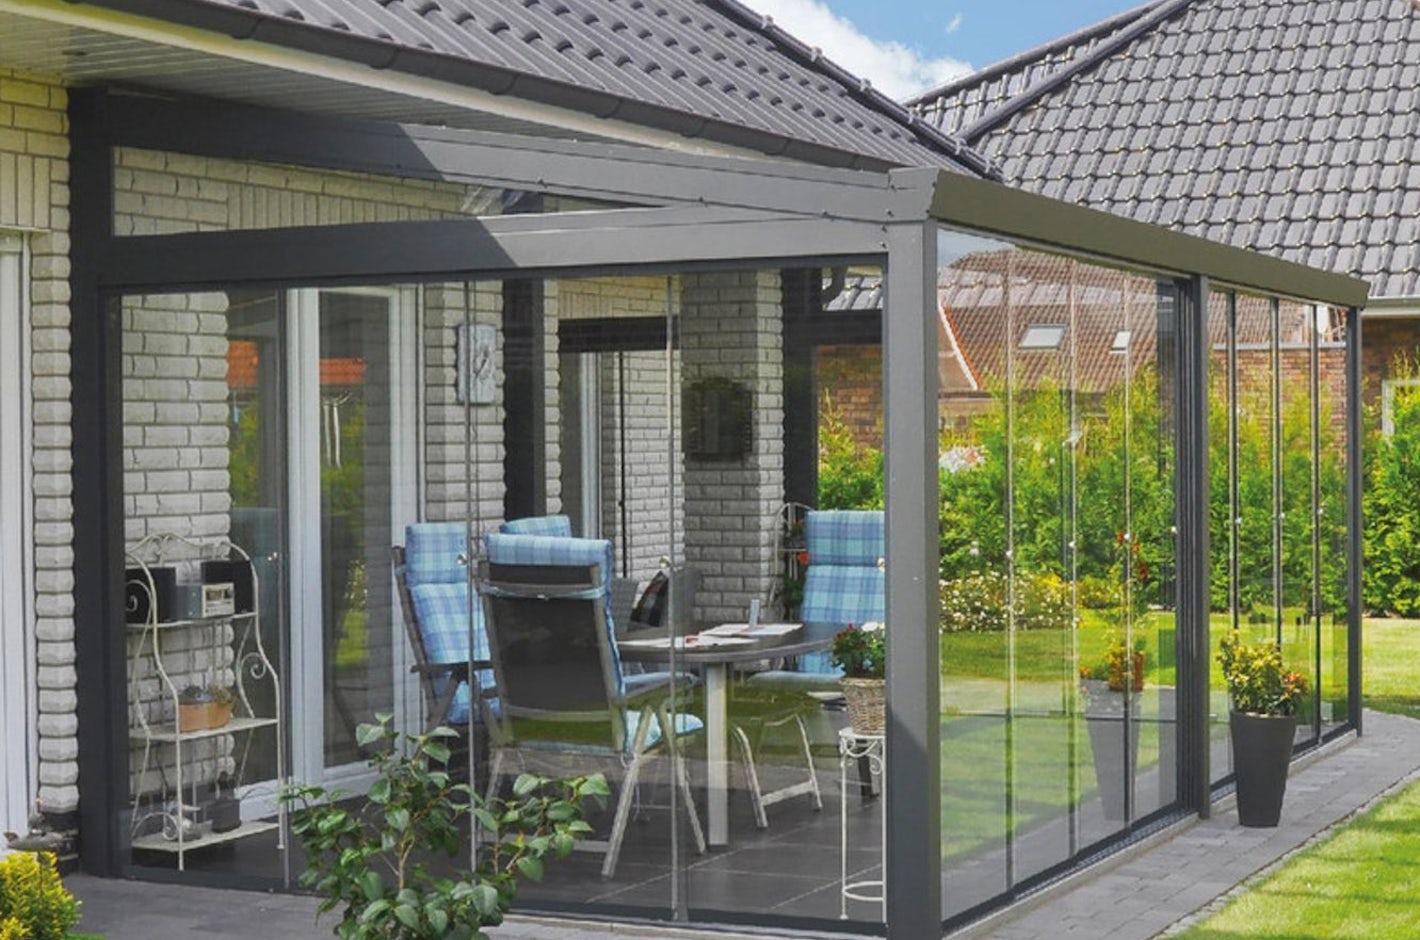 veranda_aluminiumveranda_aluminiumtuinkamer